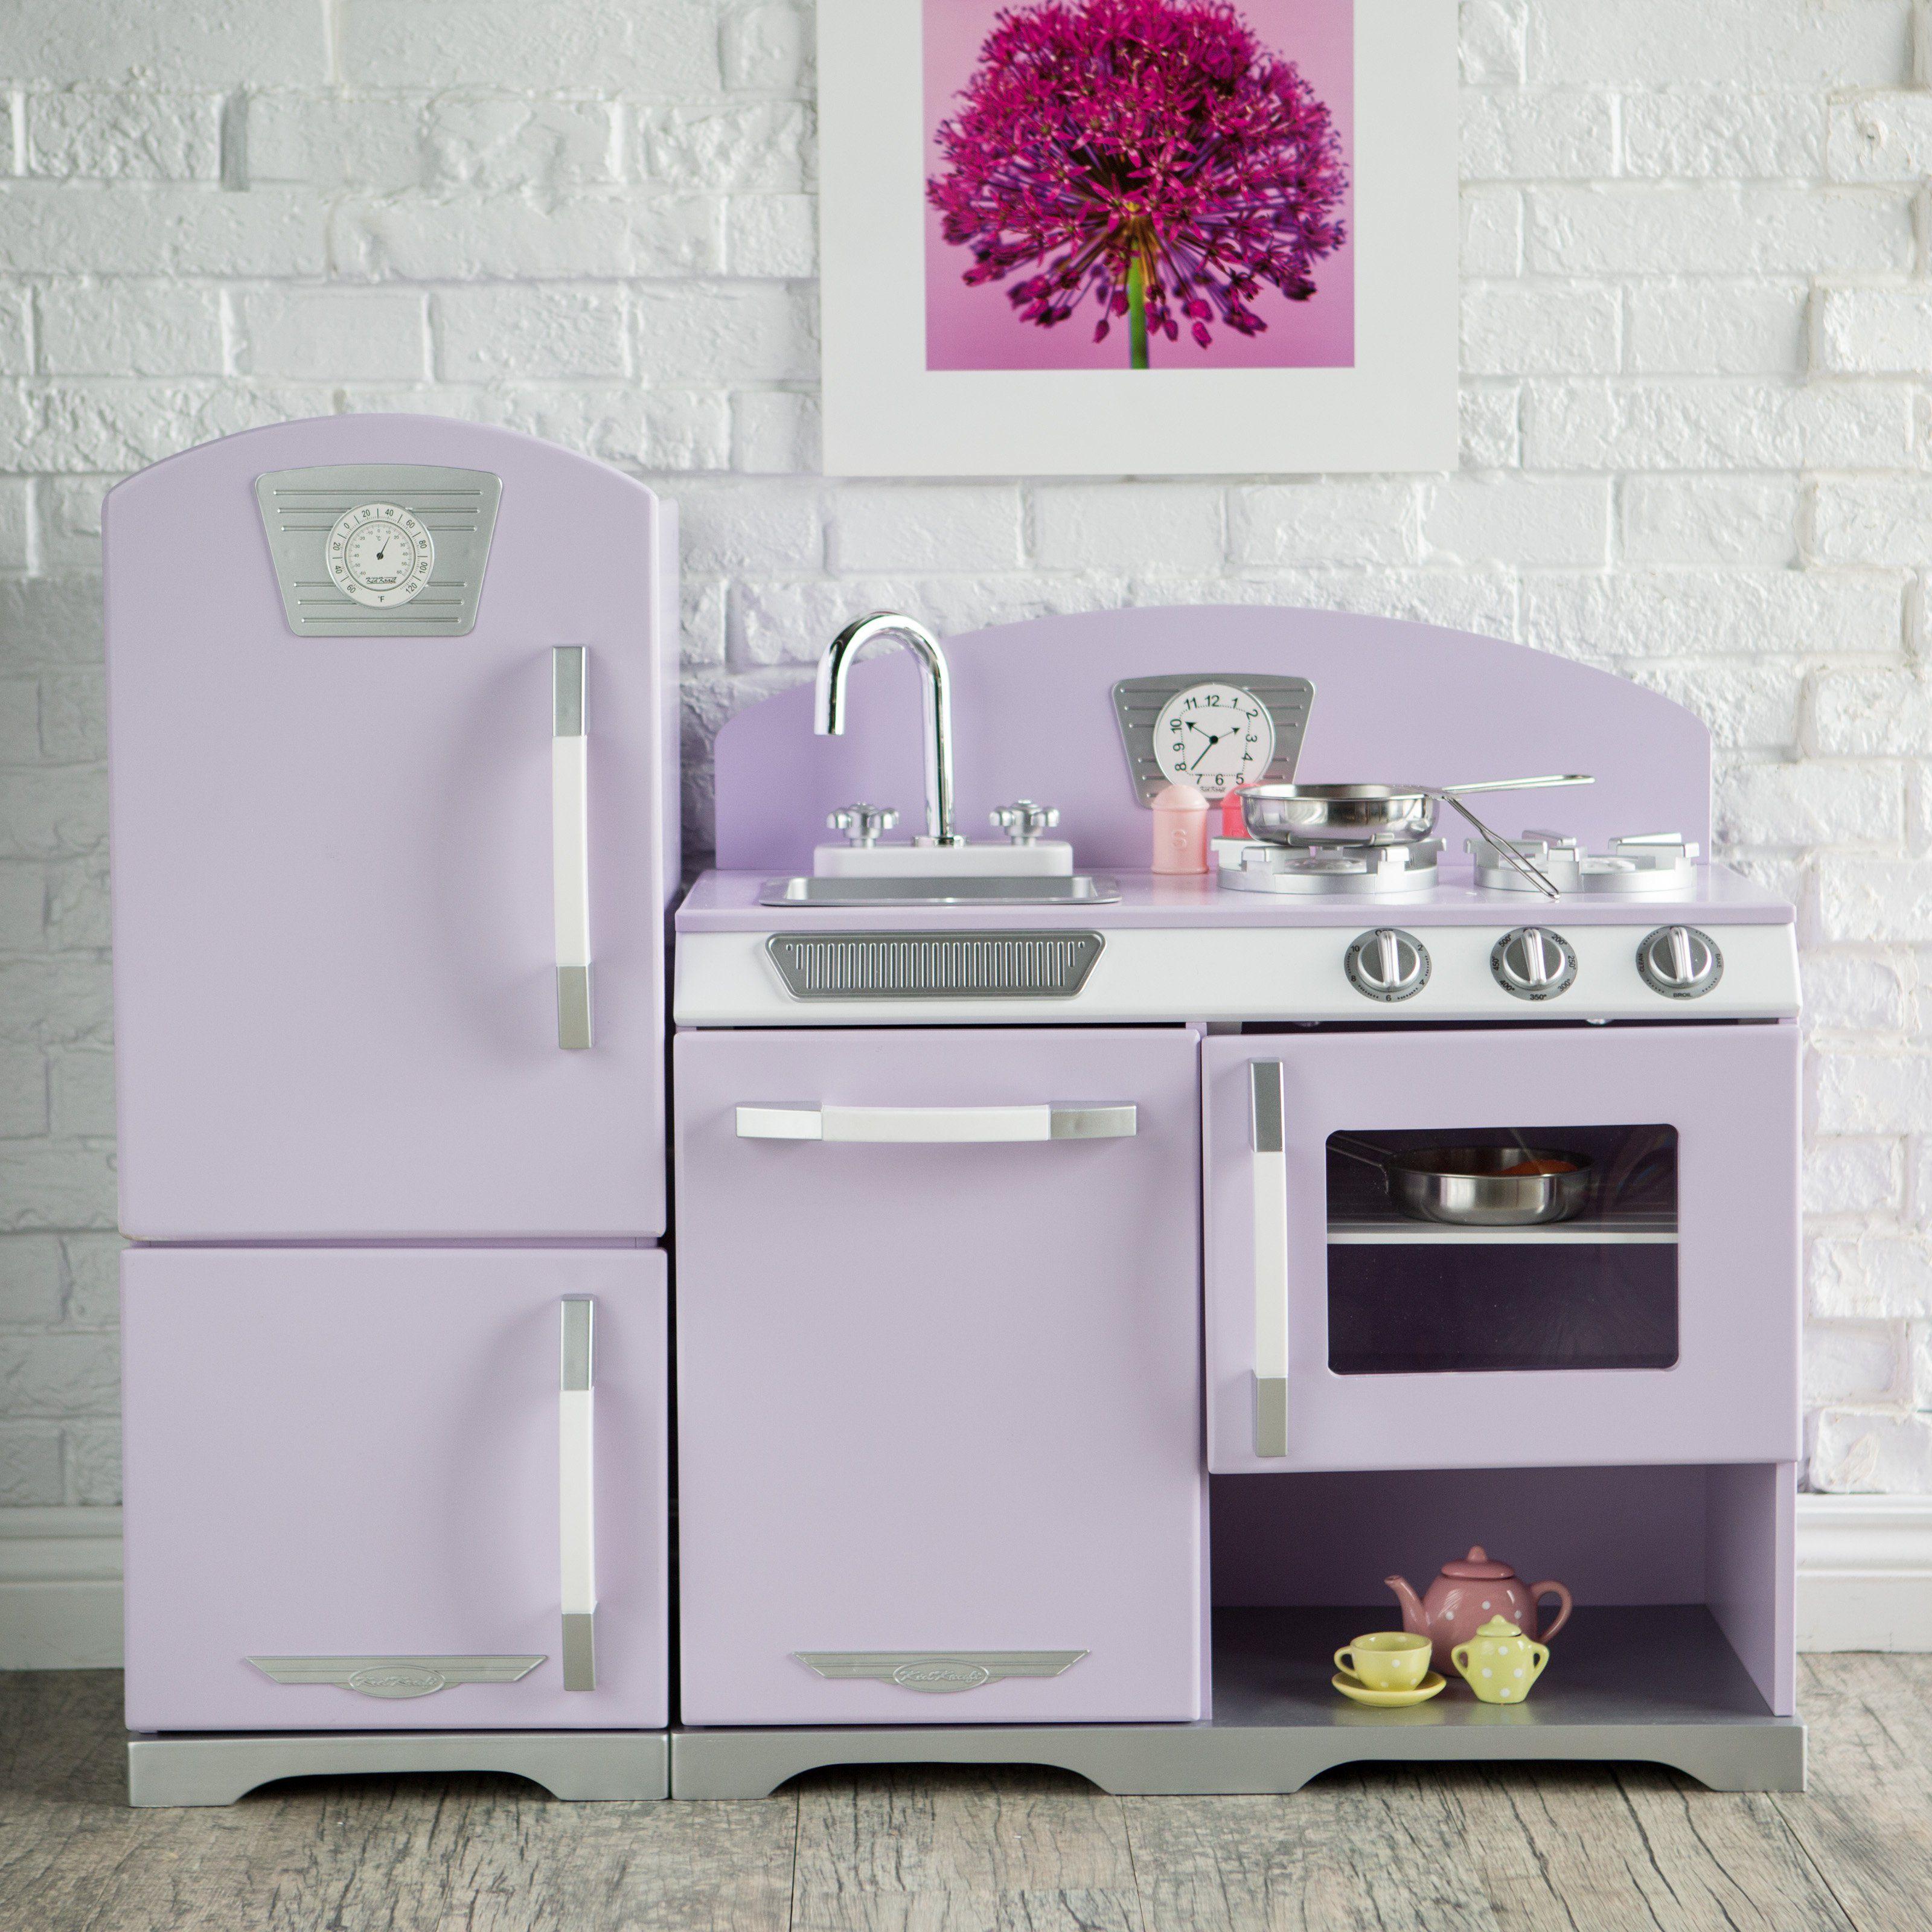 Kidkraft 2 Piece Lavender Retro Kitchen And Refrigerator 165 99